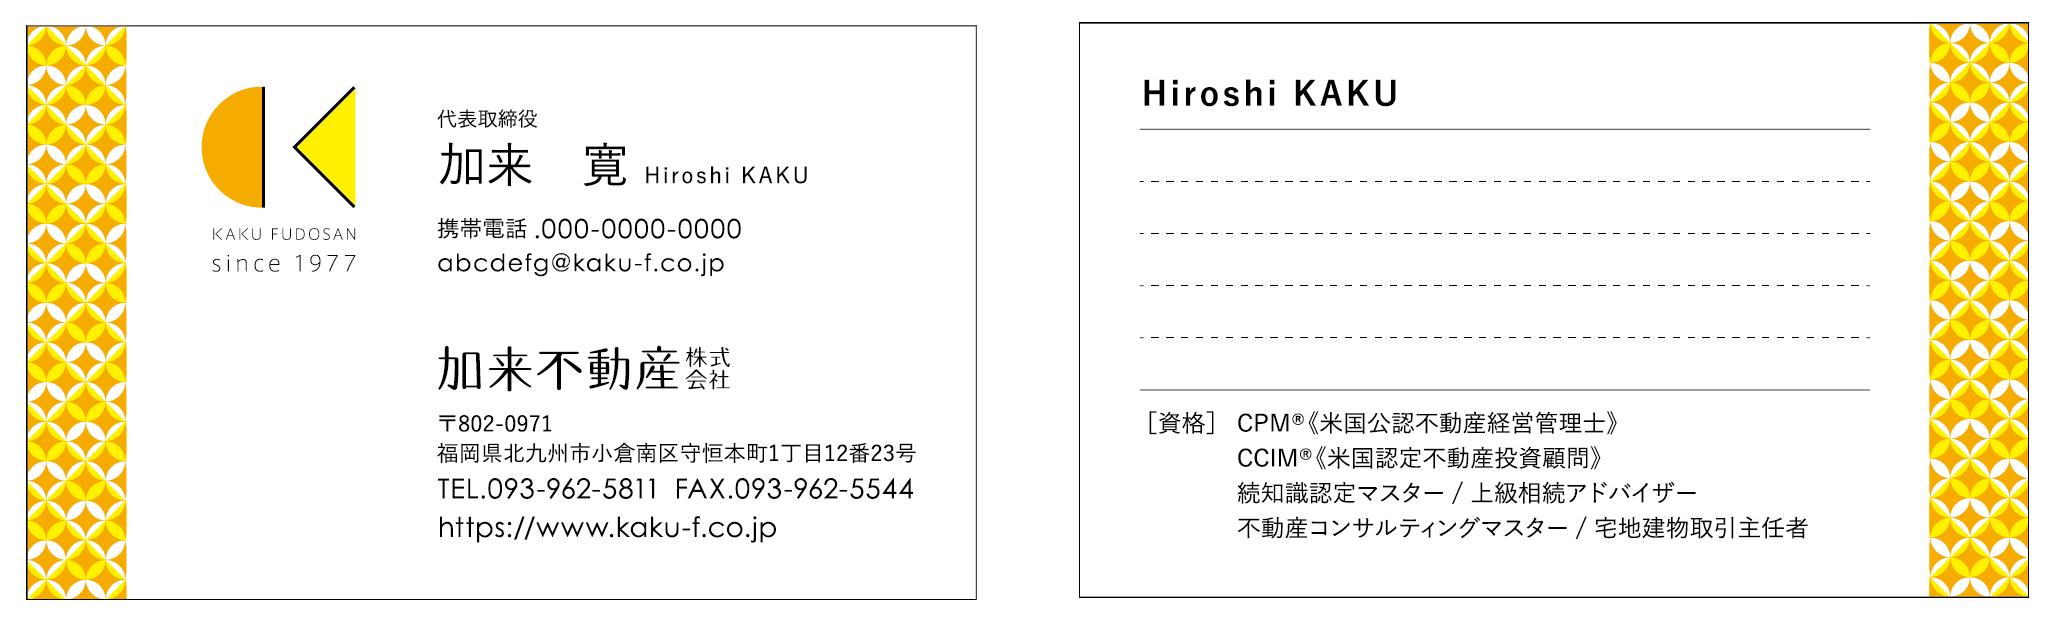 kaku_maishi.png